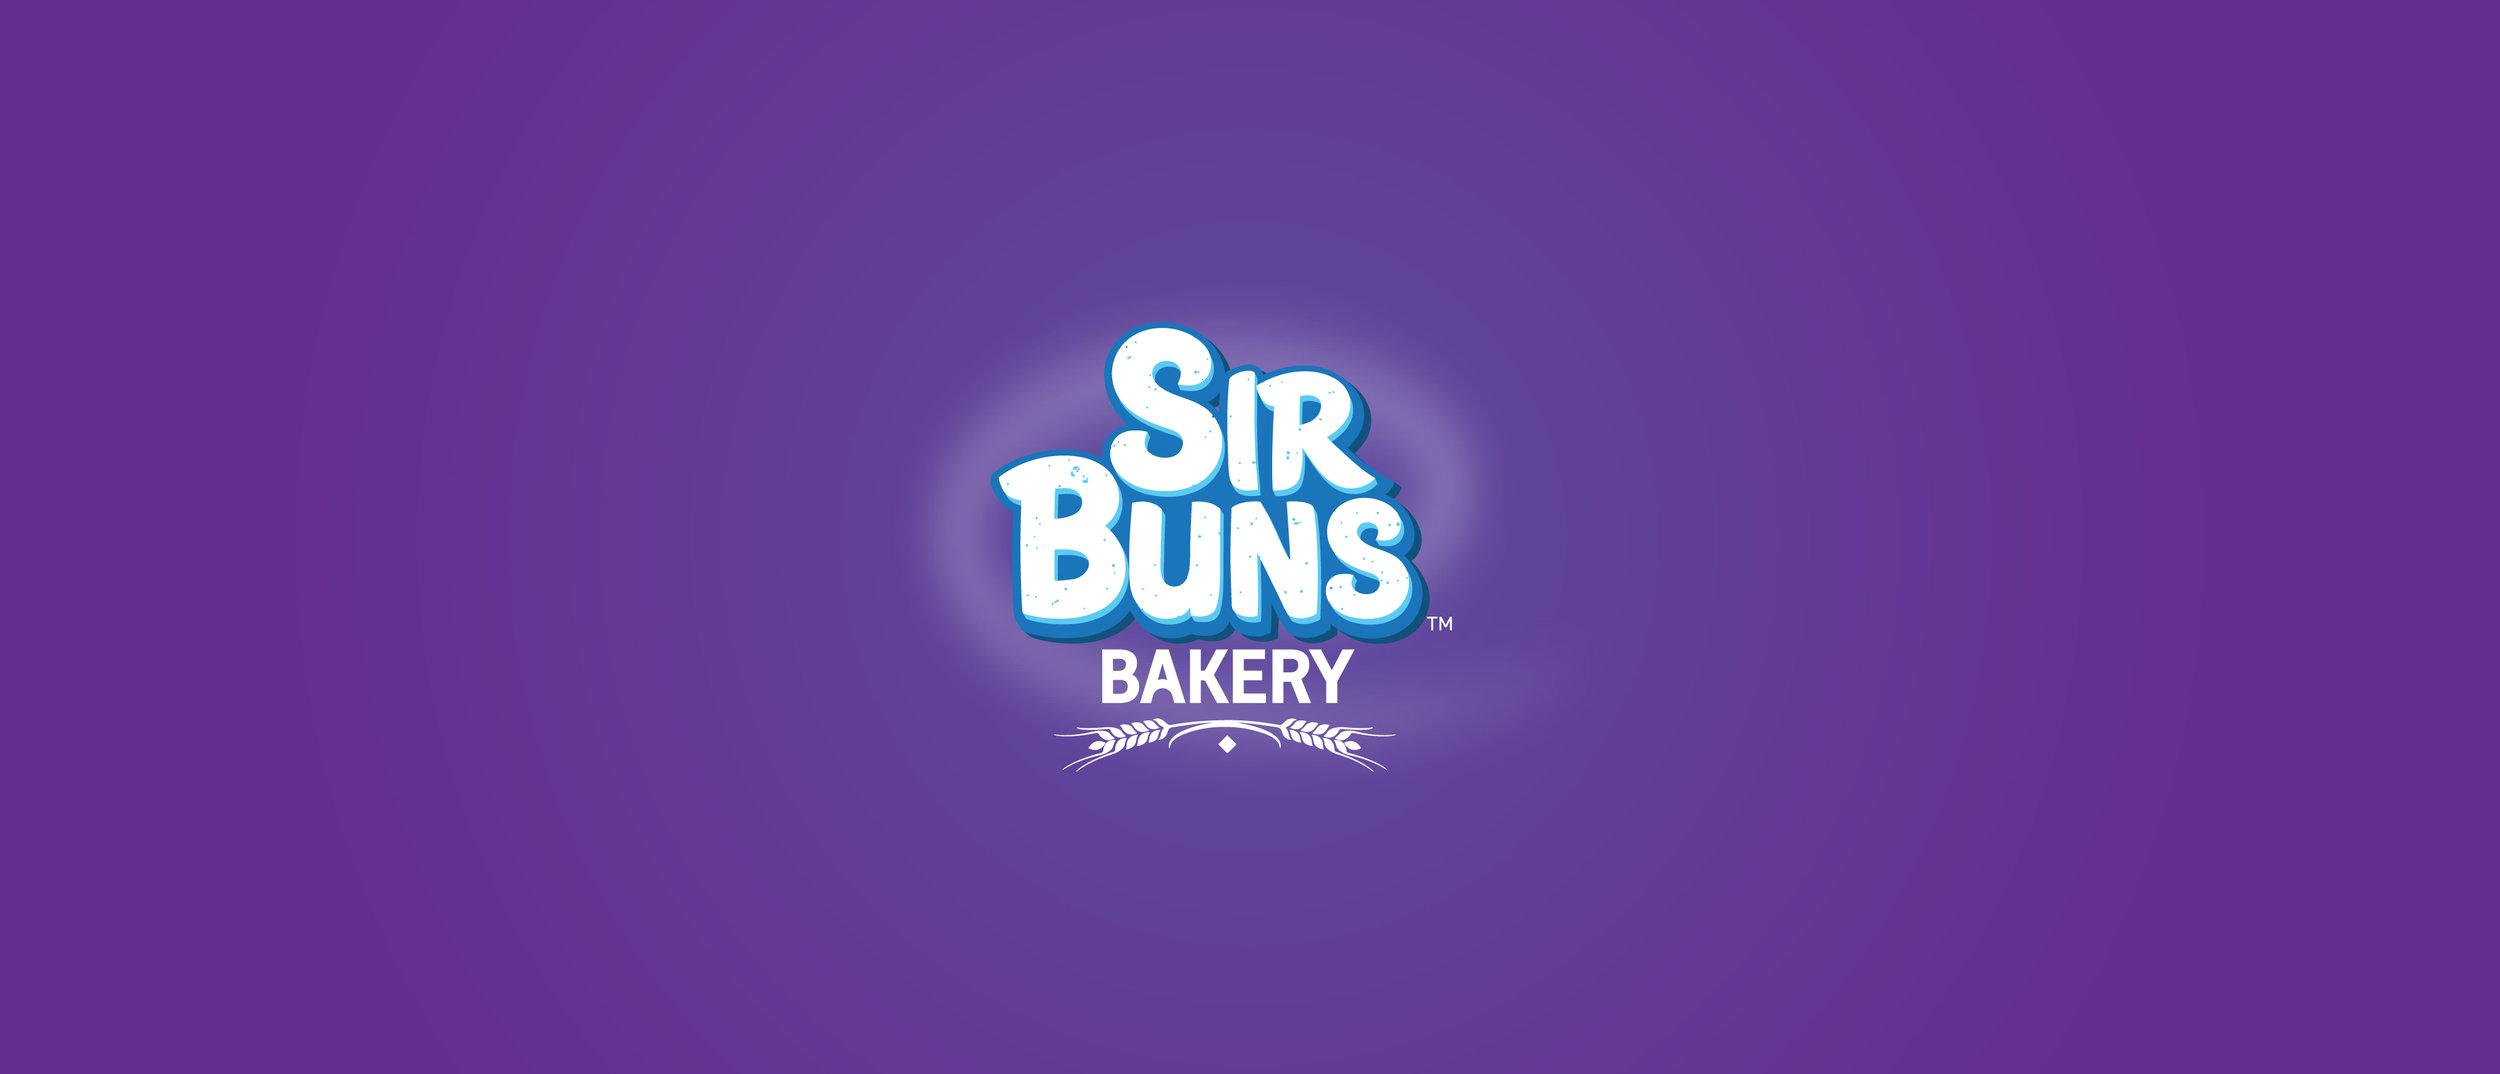 Sir Buns Bakery | Bakery | 2017